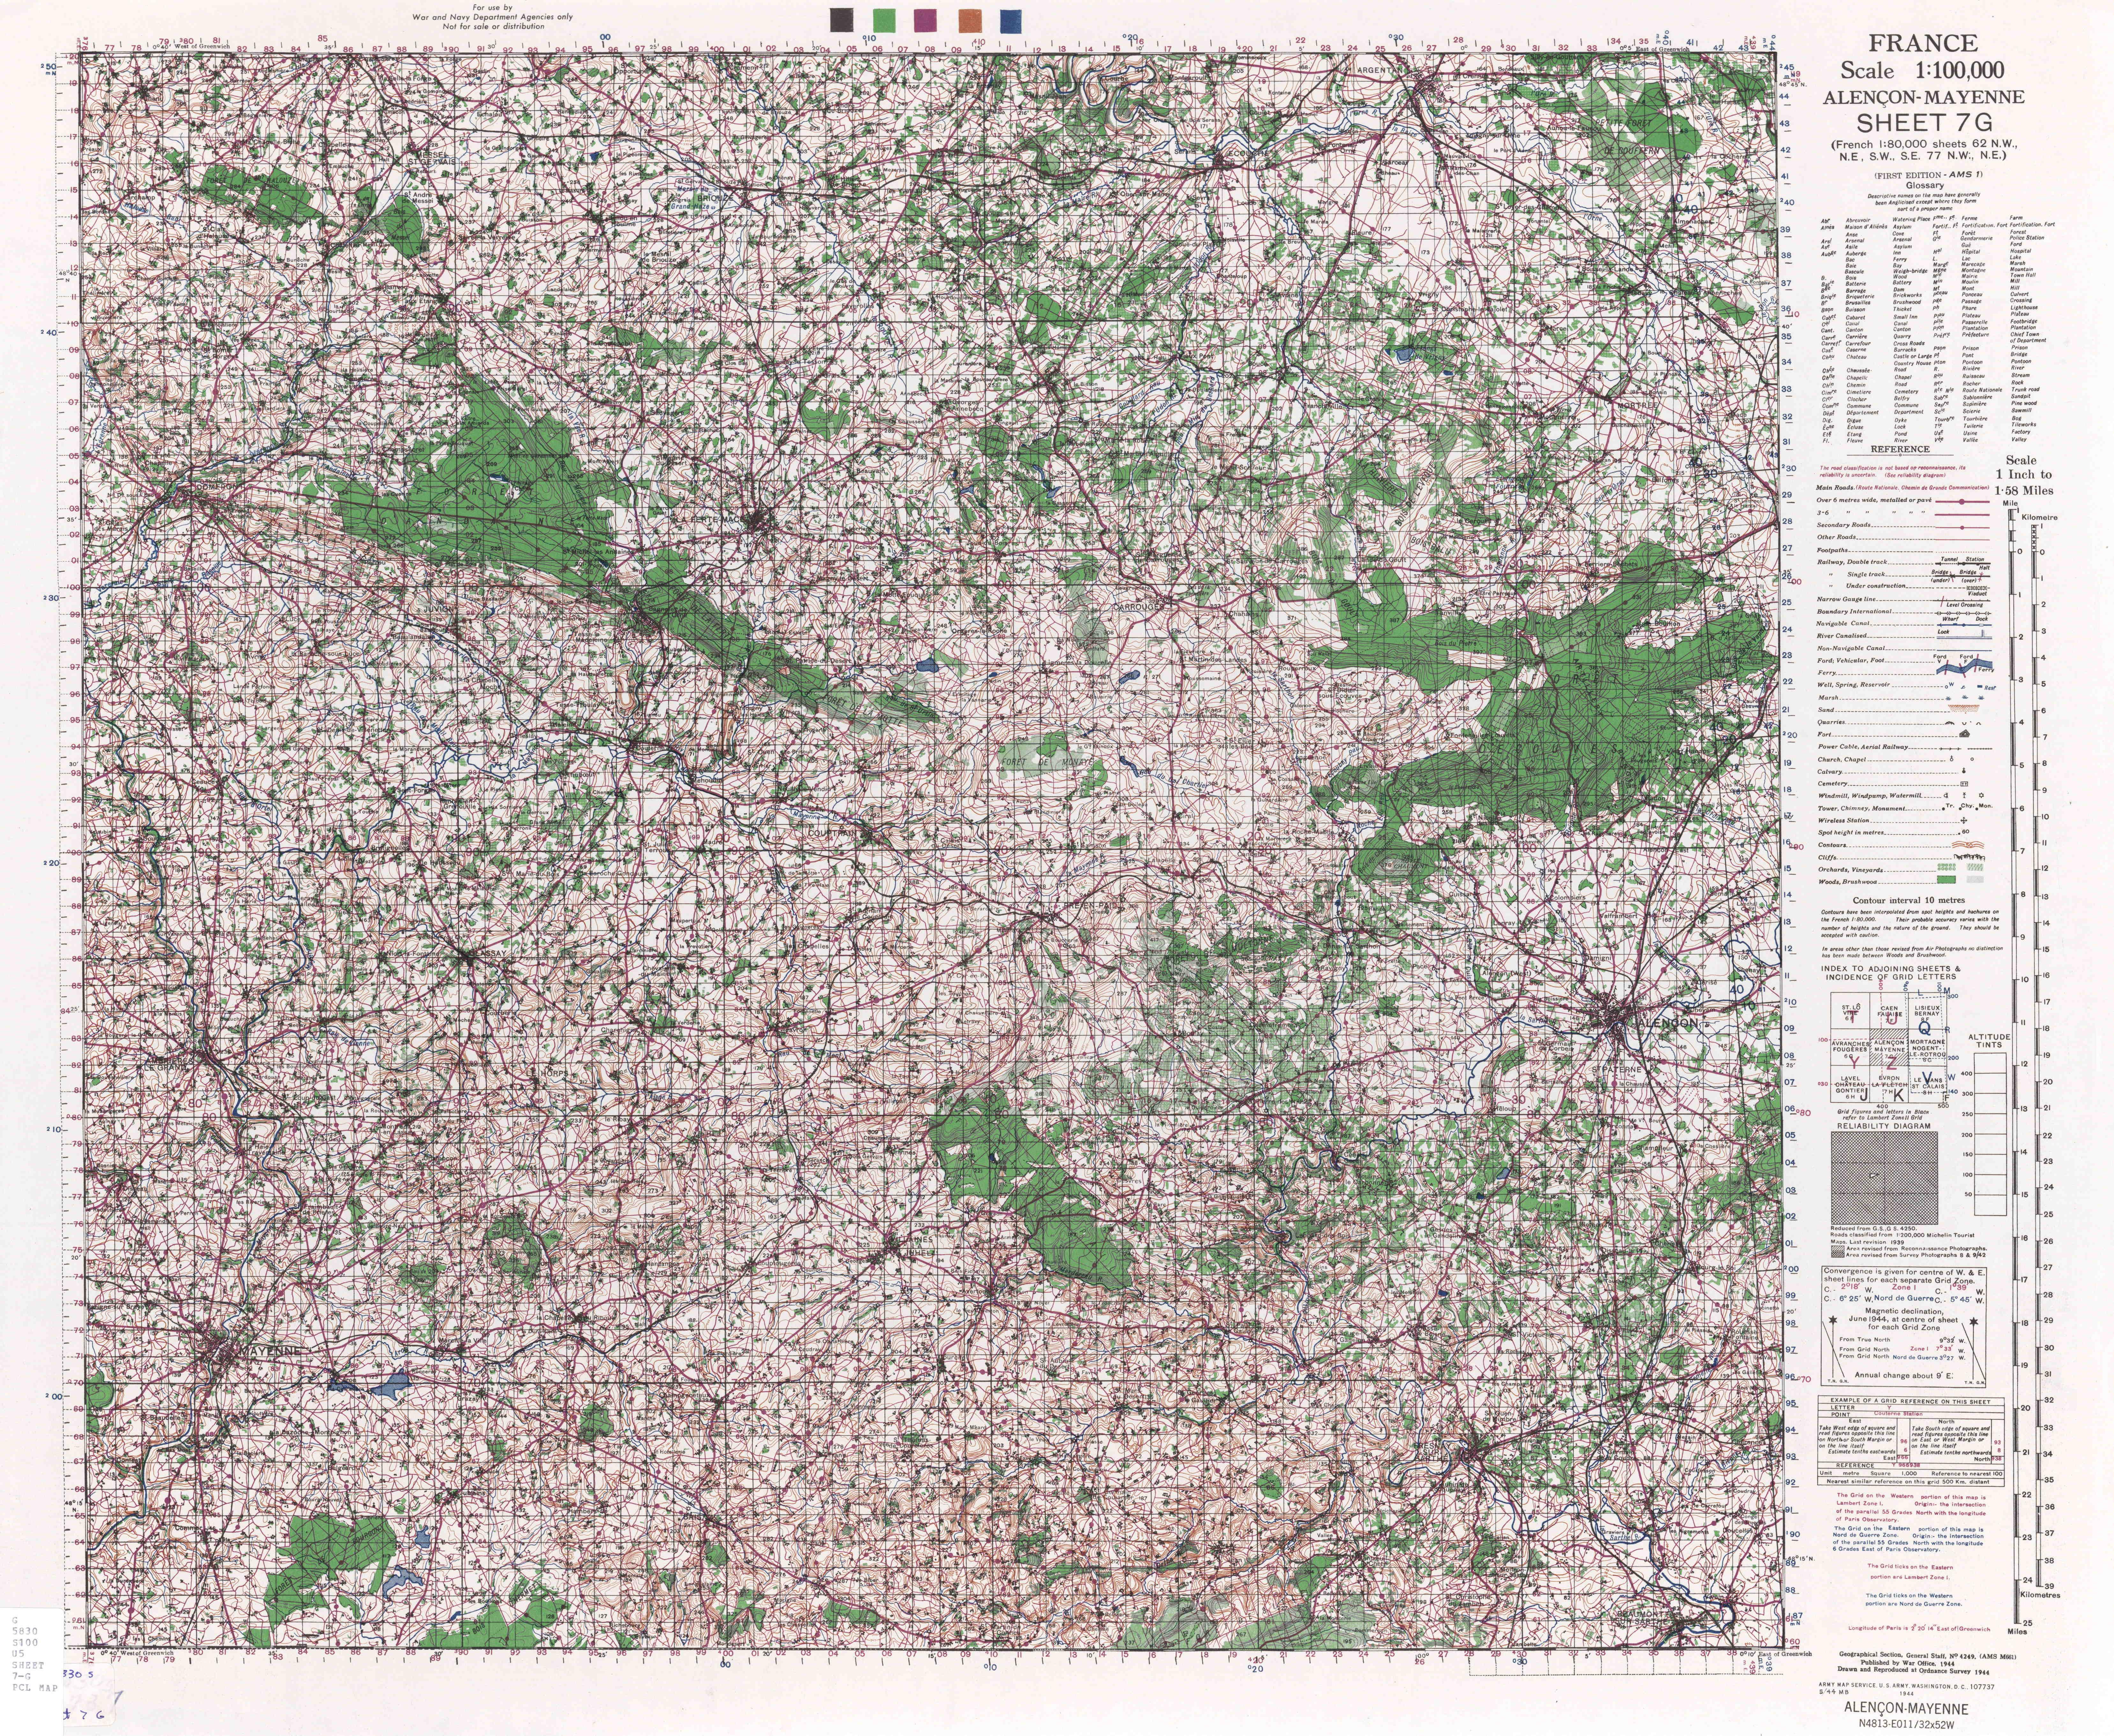 013A - GSGS-4249 Alencon-Mayenne-7G